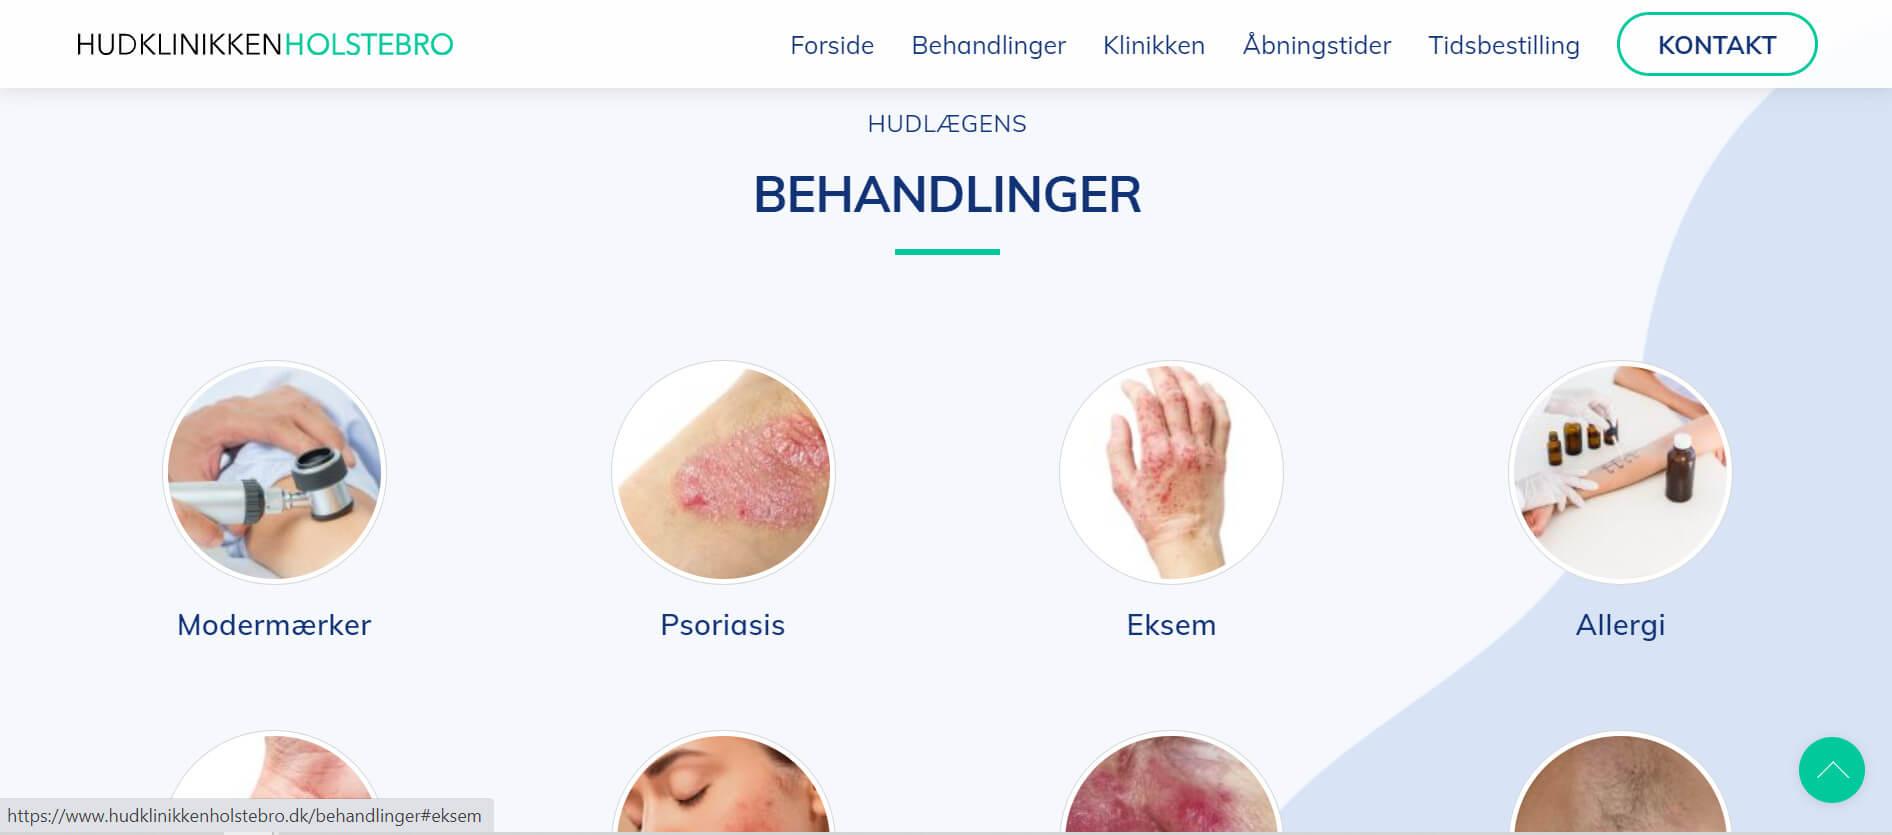 Website til hudlæge / hudklinik